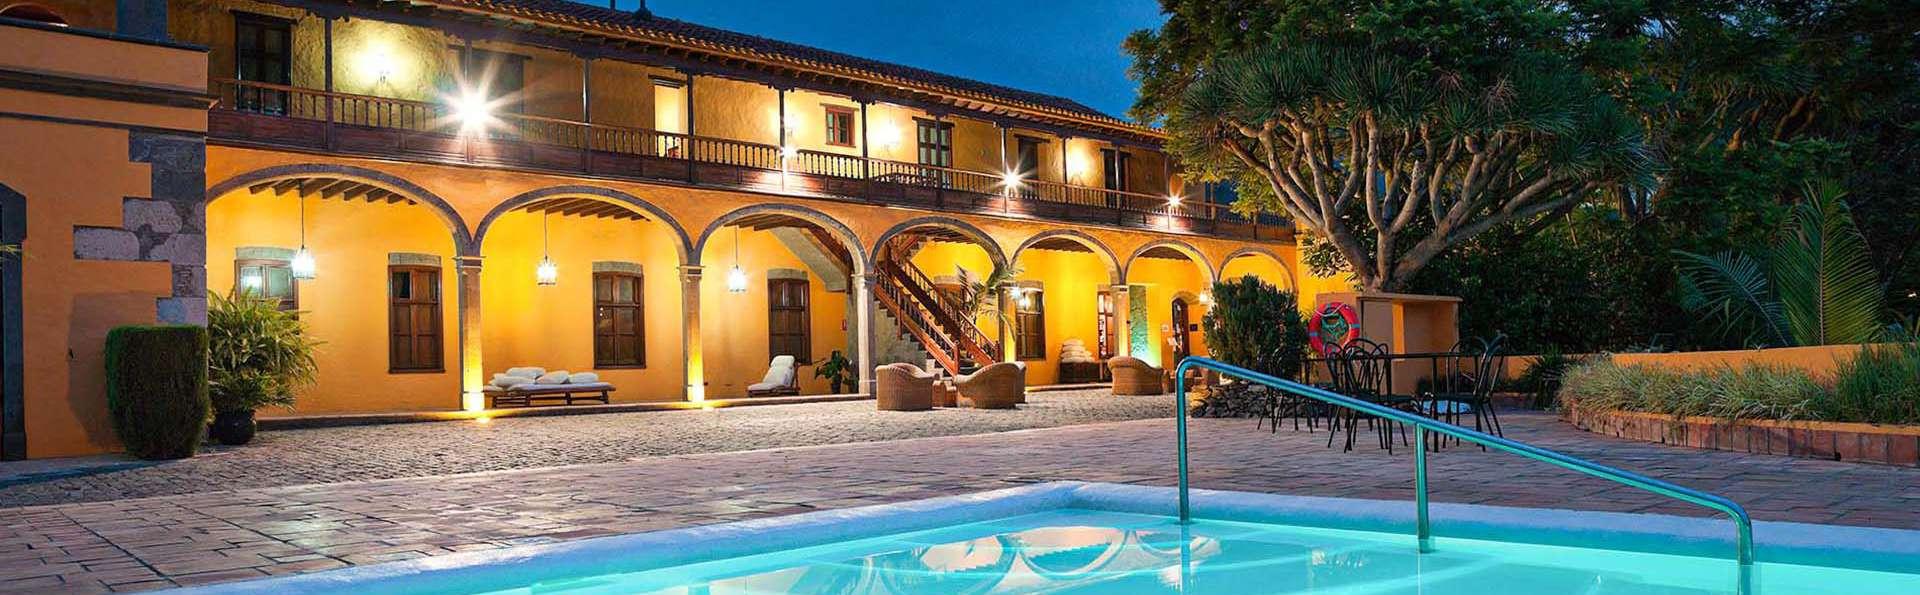 Escápate en un hotel de estilo colonial en Arucas, Gran Canaria